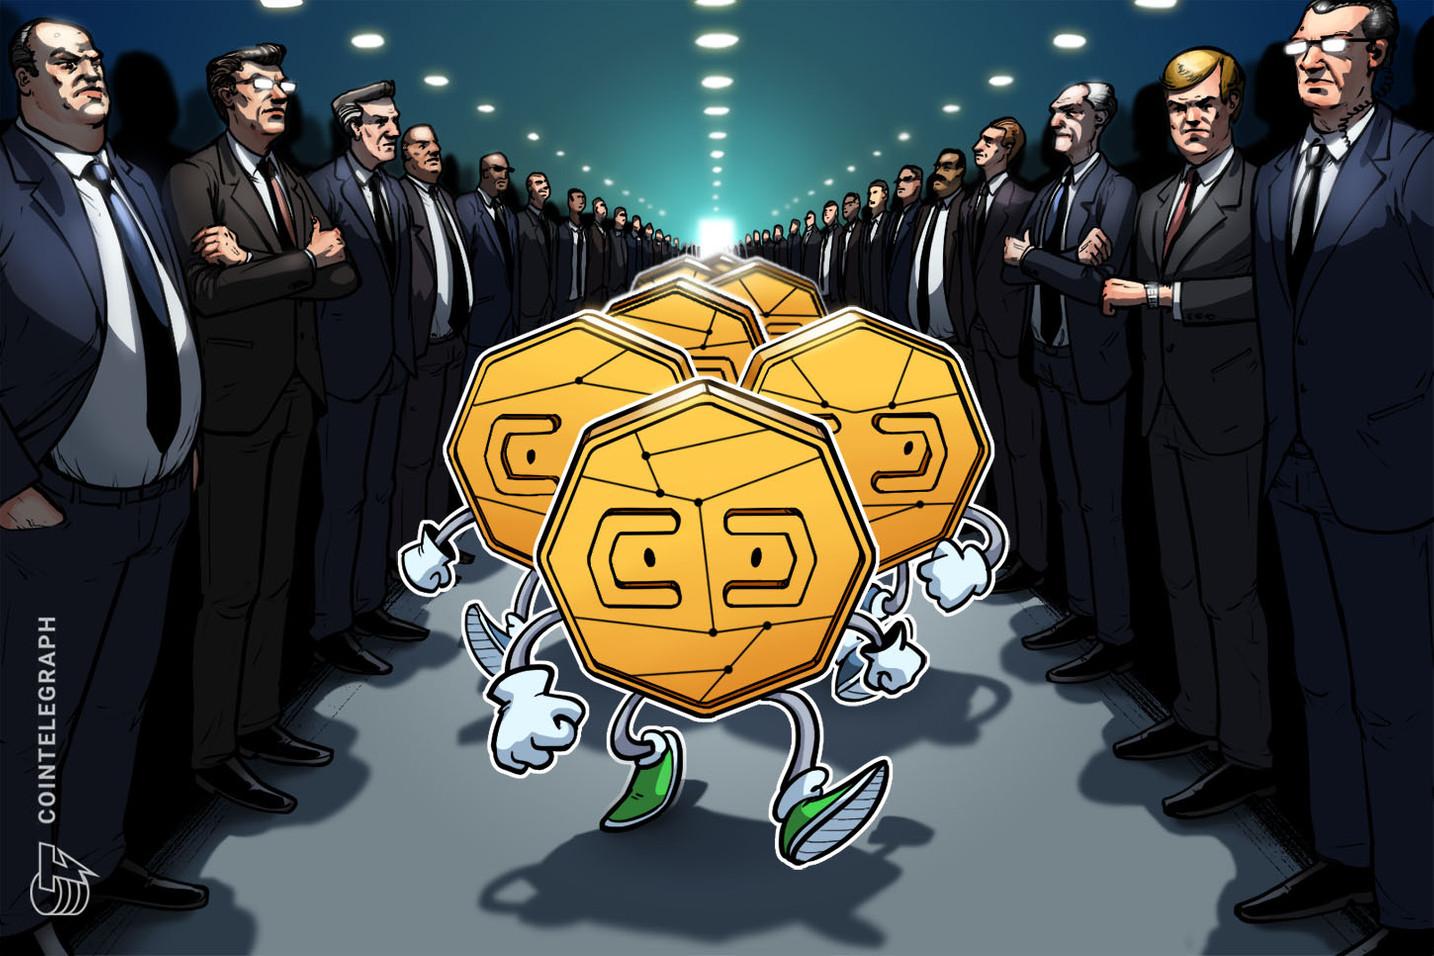 米イエレン財務長官、仮想通貨の自己ホスト型ウォレット規制に歩み寄り